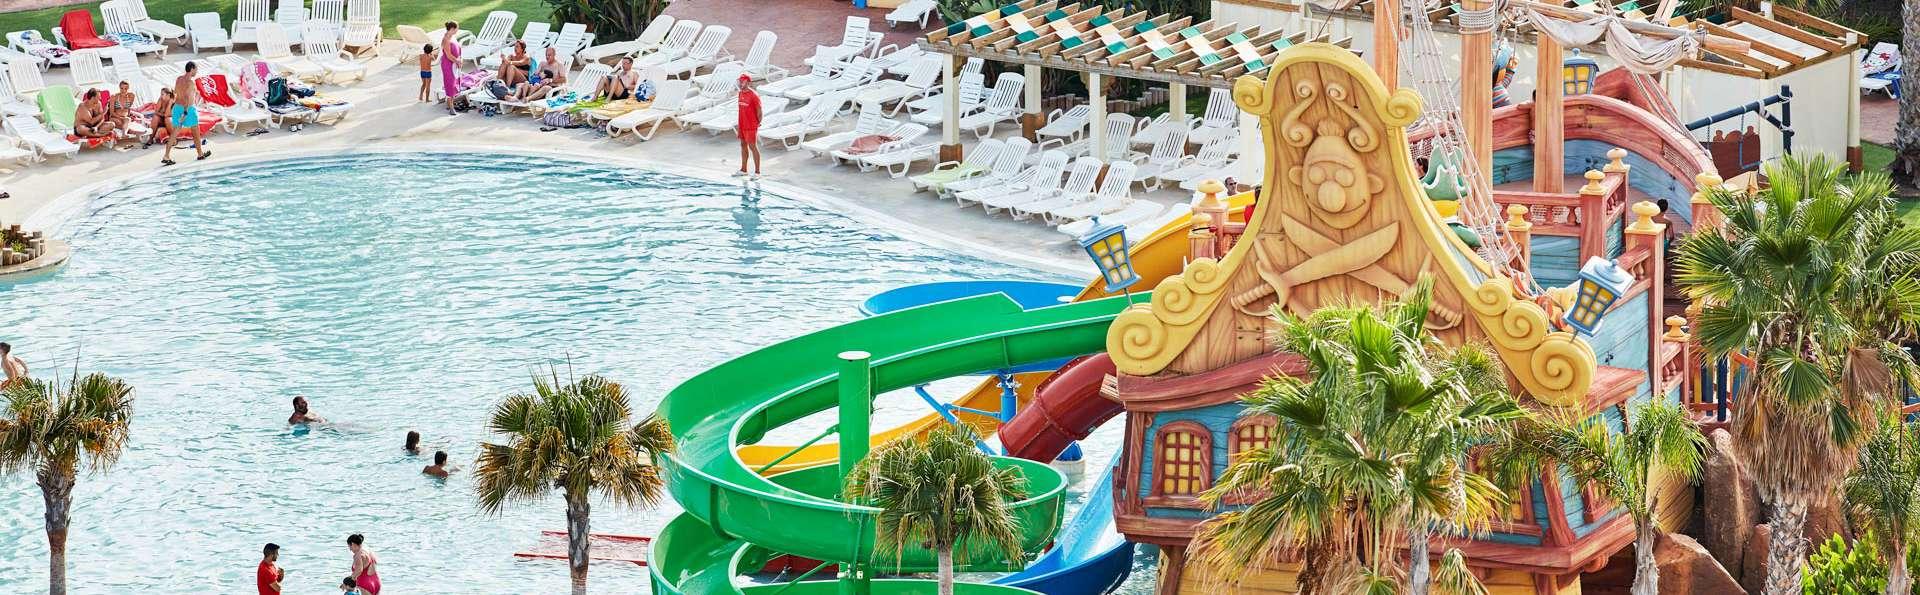 Raffraichissez-vous avec notre escapade avec entrées au parc aquatique PortAventura Caribe Park